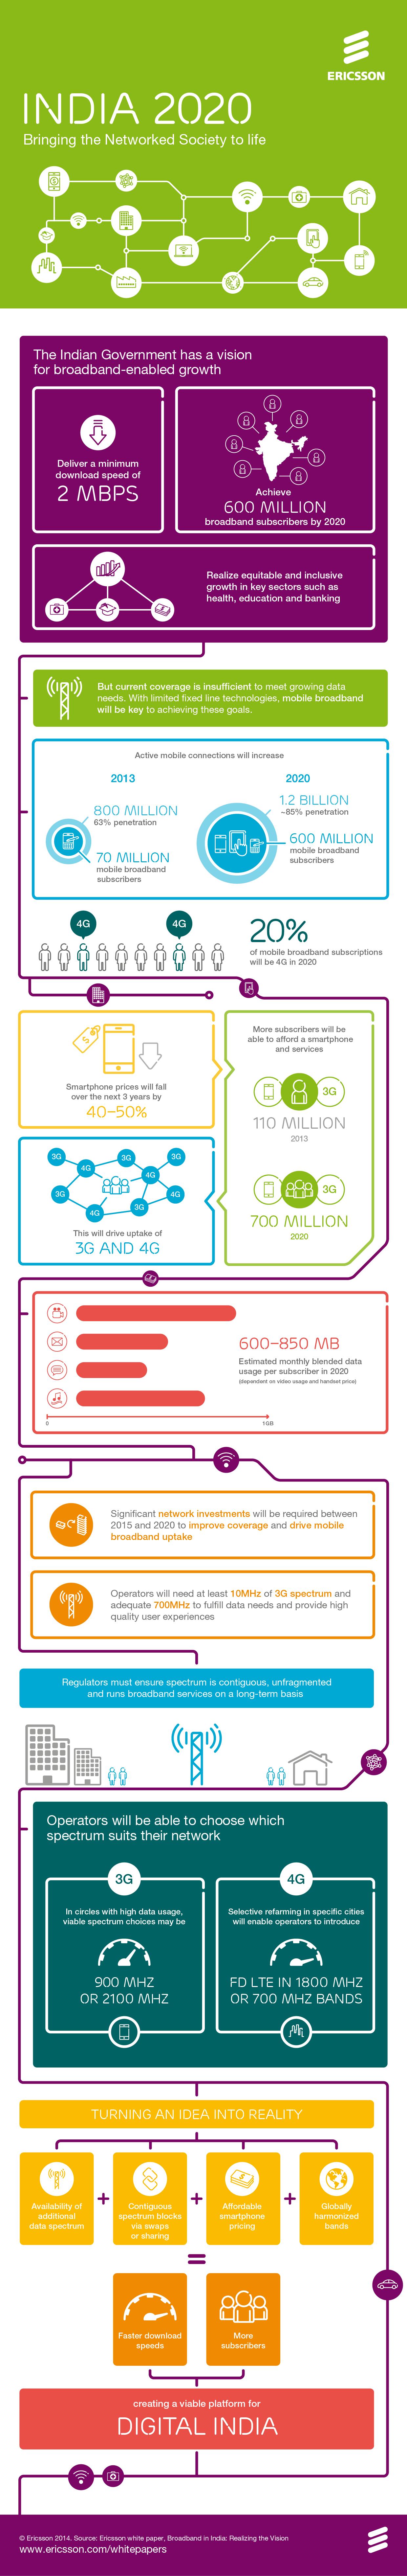 Ericsson Infographic-on-India-2020